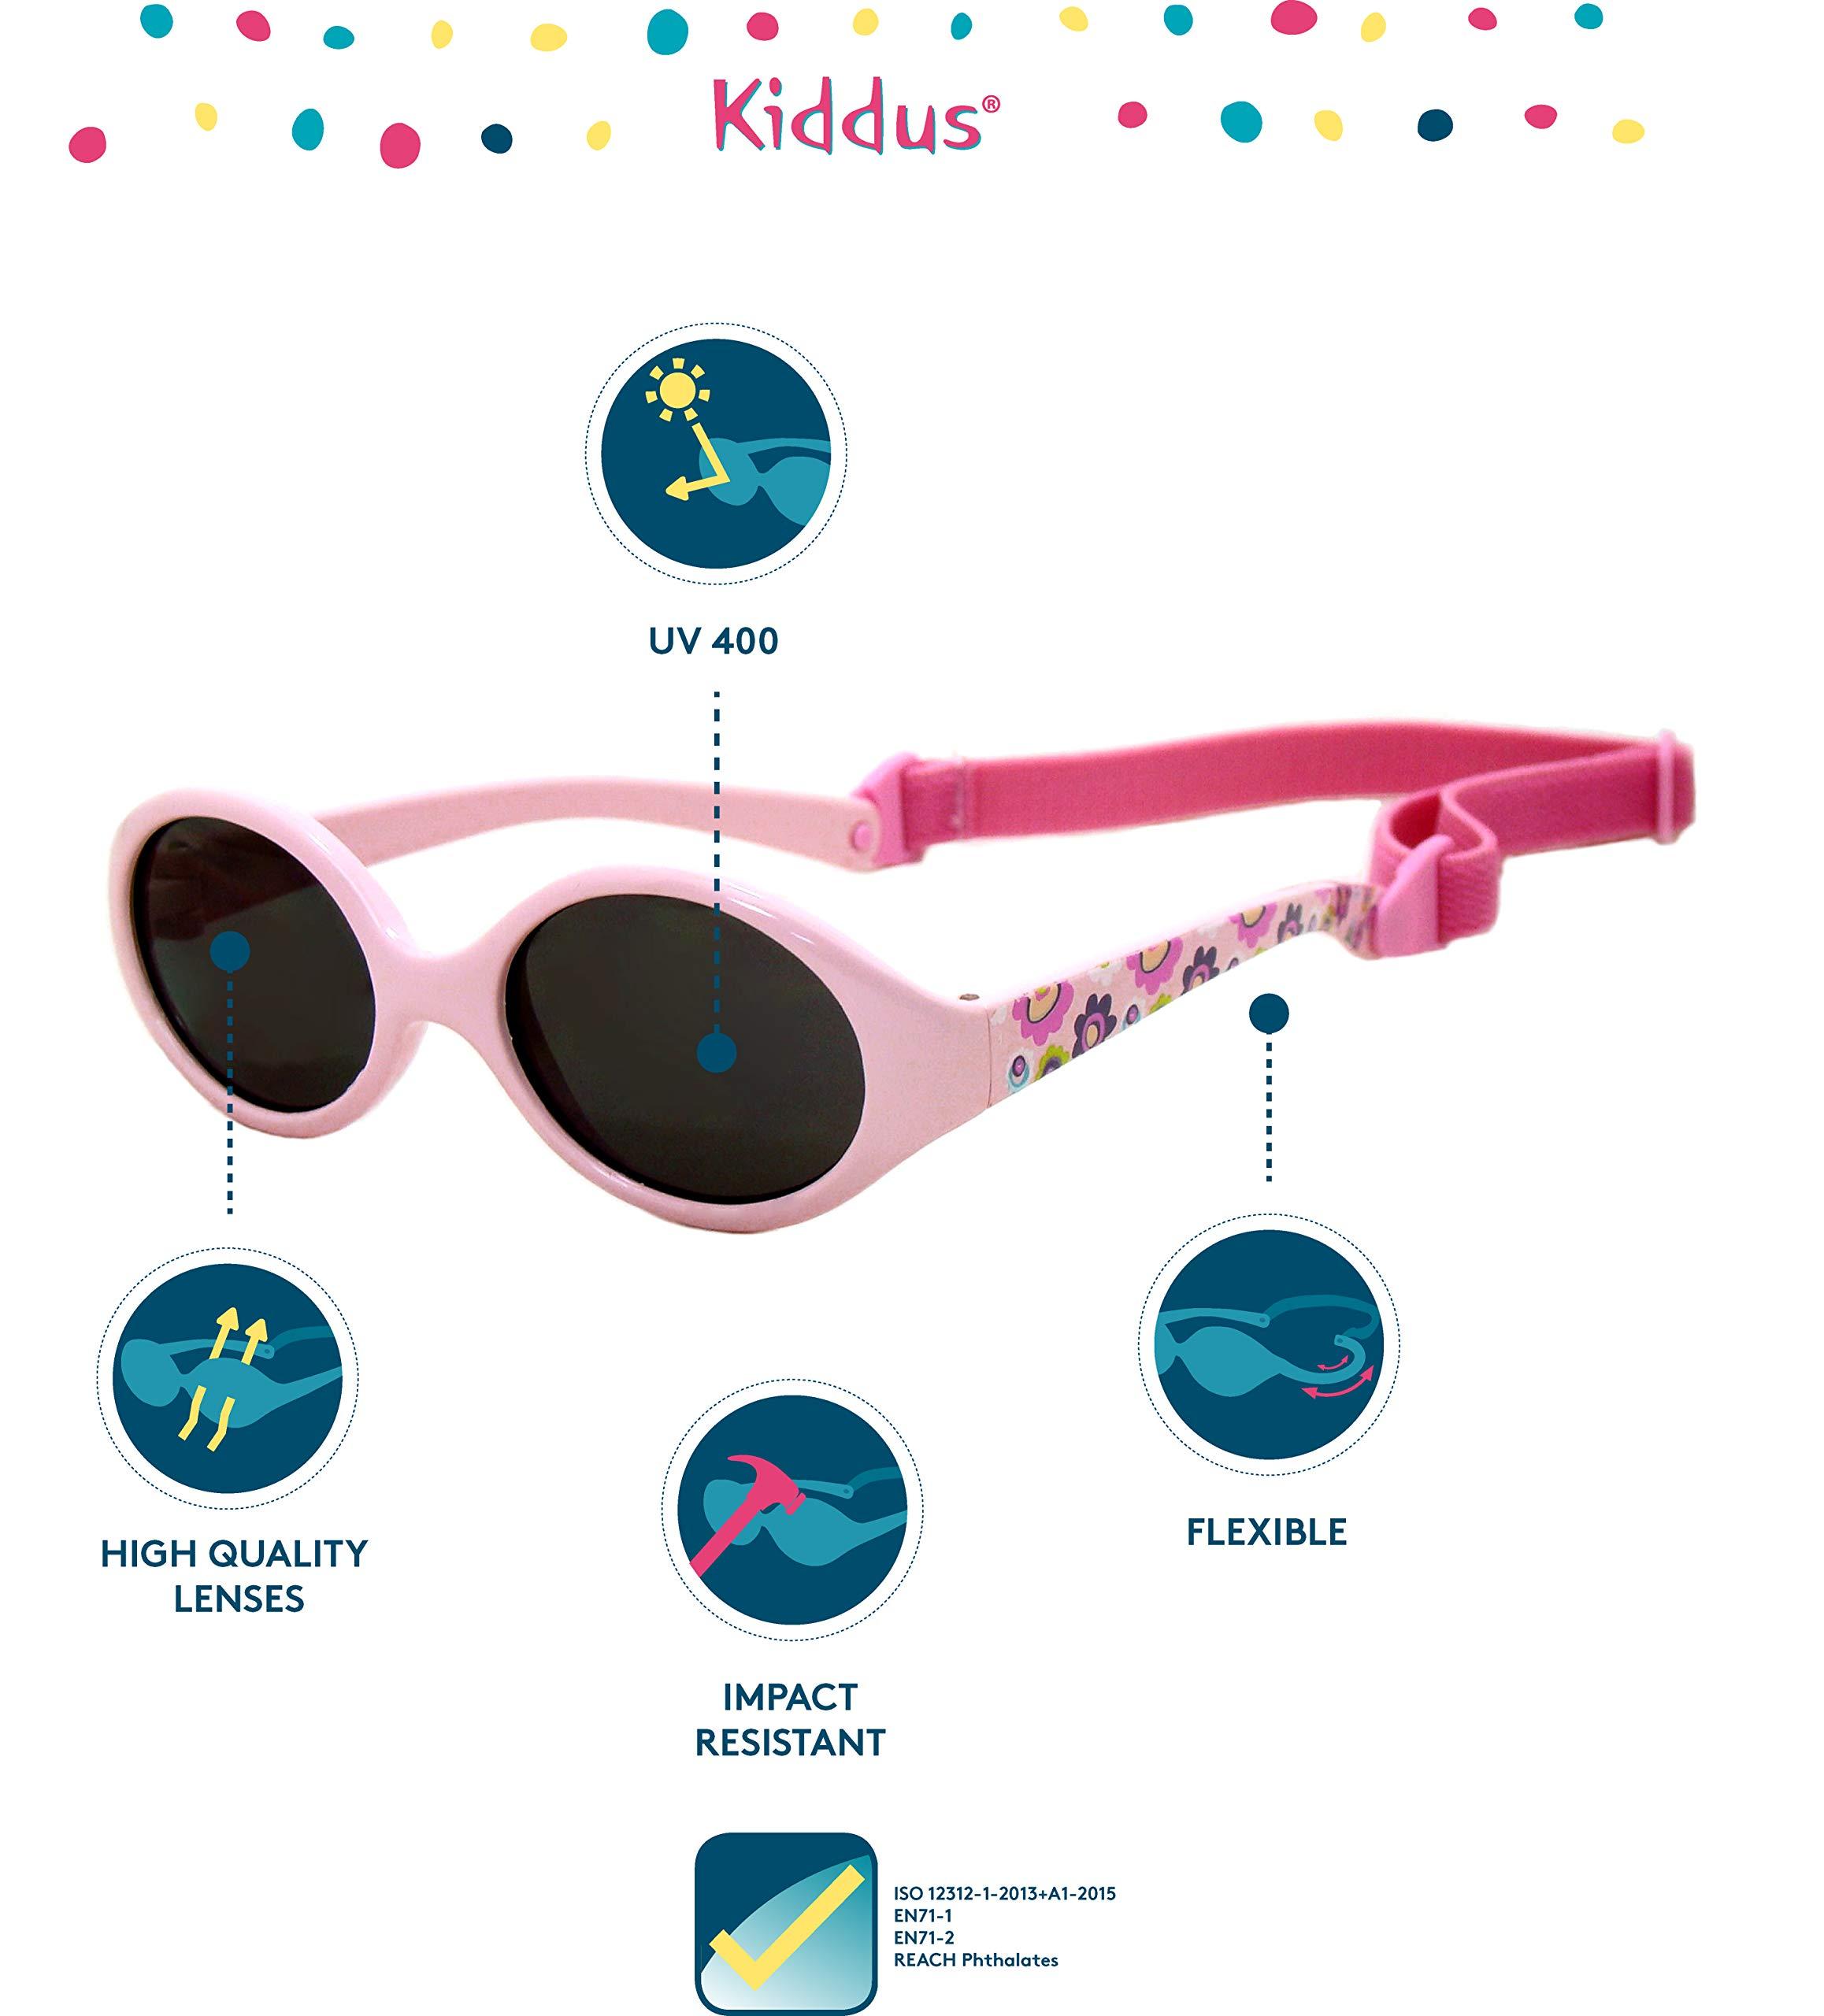 Kiddus Gafas de sol para bebe, niños y niñas. SUPER FLEXIBLES. A partir de 6 meses. UV400 100% protección rayos UVA y… 2